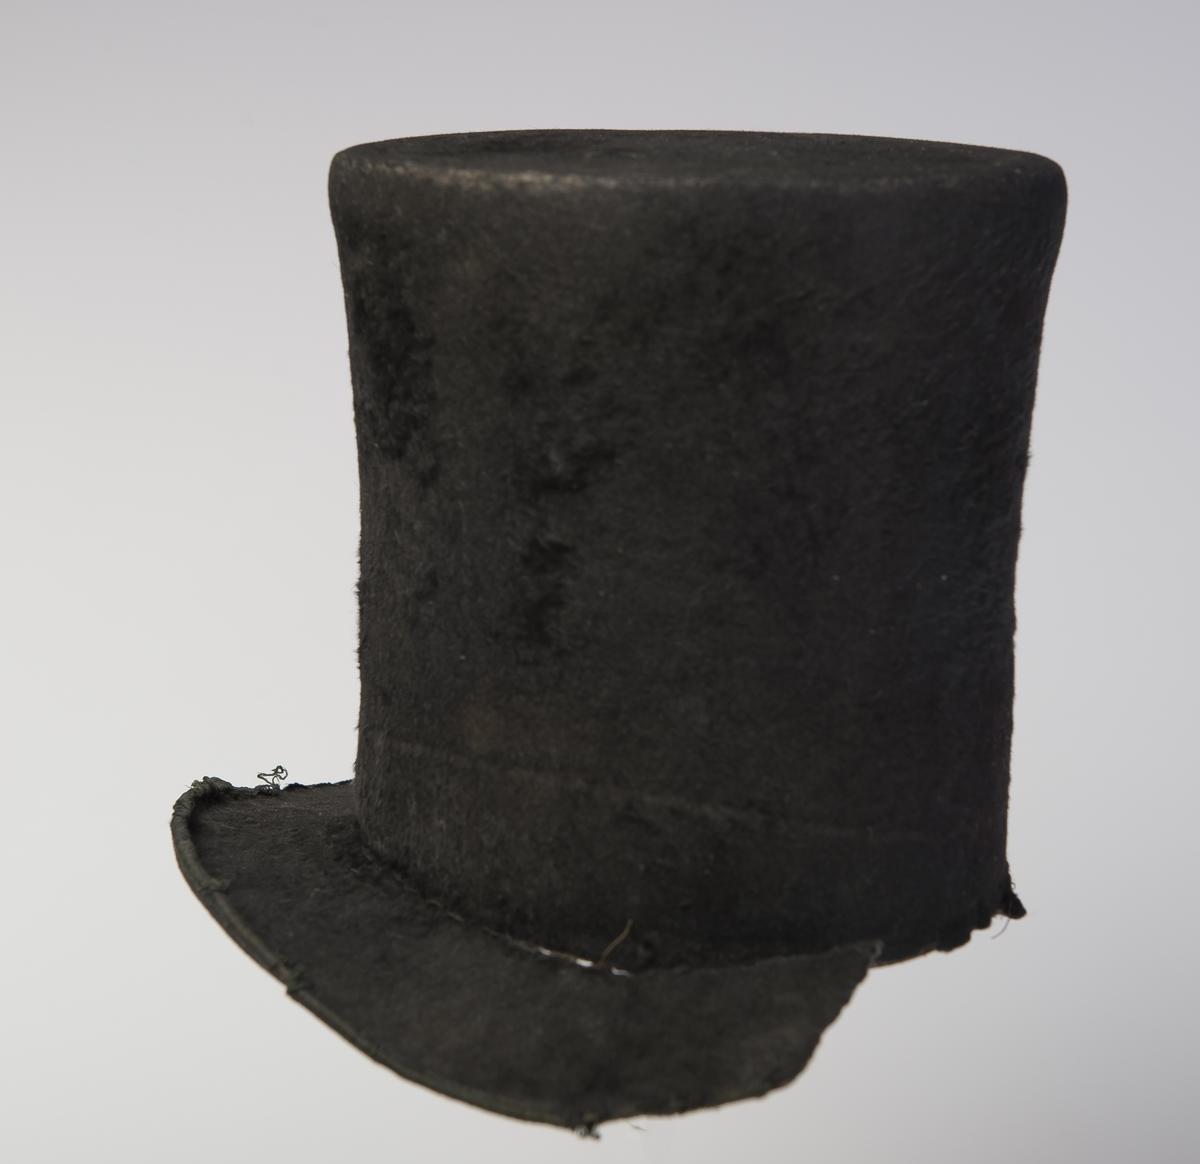 Flosshatt med høy stiv pull som er flat på toppen. Bremmen er flat fram og bak, noe  oppover bøyd på sidene. Bremmen er ødelagt på den ene siden. Ytterkanten av bremmen har påsydd et smalt bånd. Bredt svettebånd  med knyttesnor øvert. Inne i hatten er det et løst for av tyllstoff og papir med uleselig trykk på.